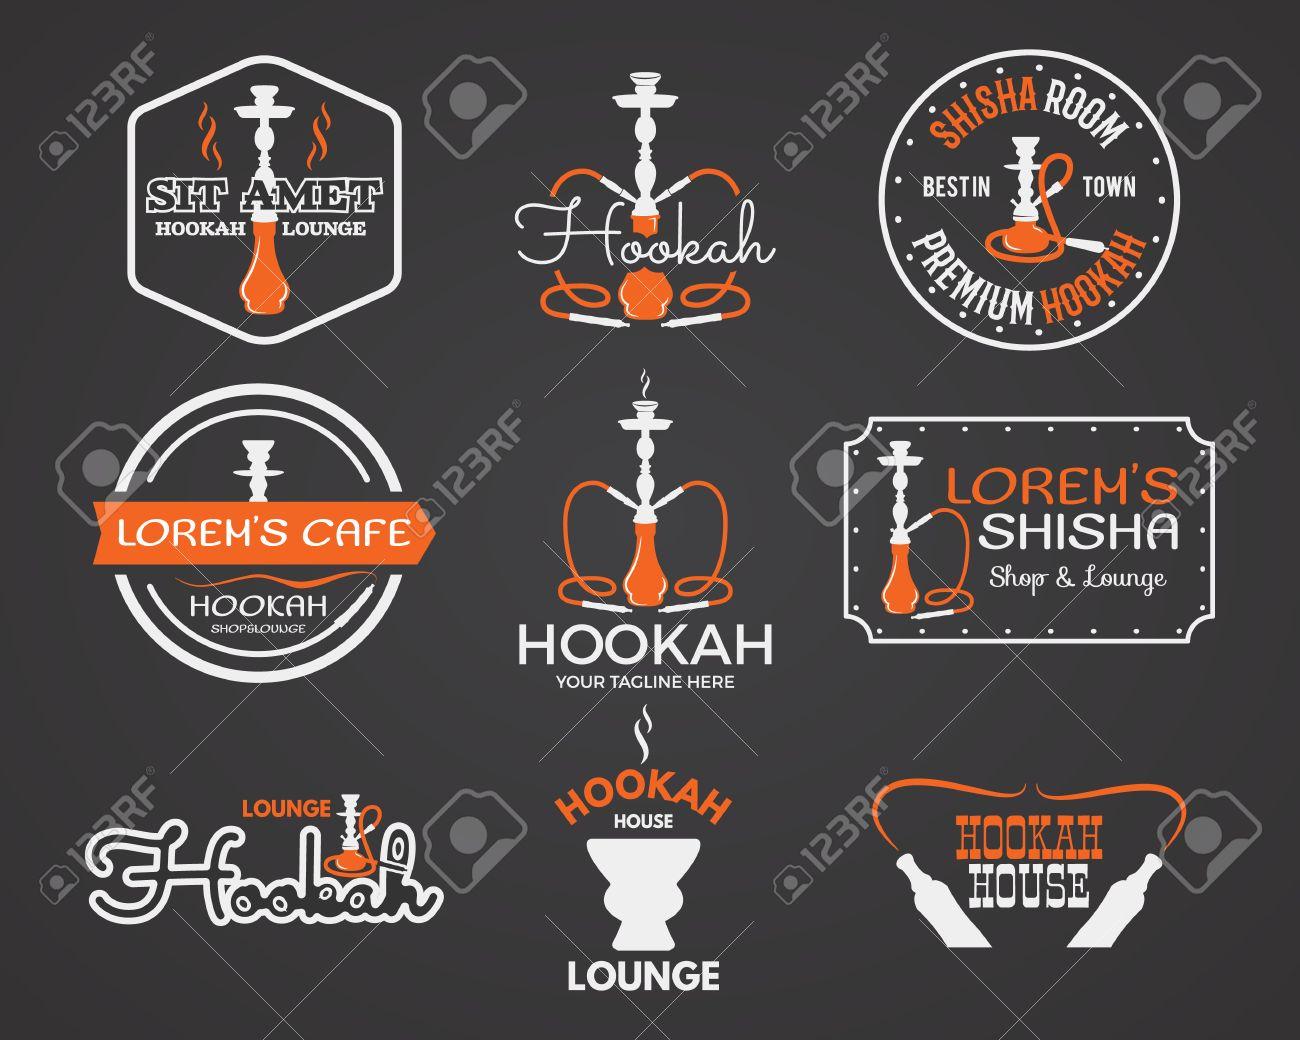 Hookah labels, badges and design elements collection. Vintage shisha logo. Lounge cafe emblem. Arabian bar or house, shop. Isolated vector illustration. - 50398874